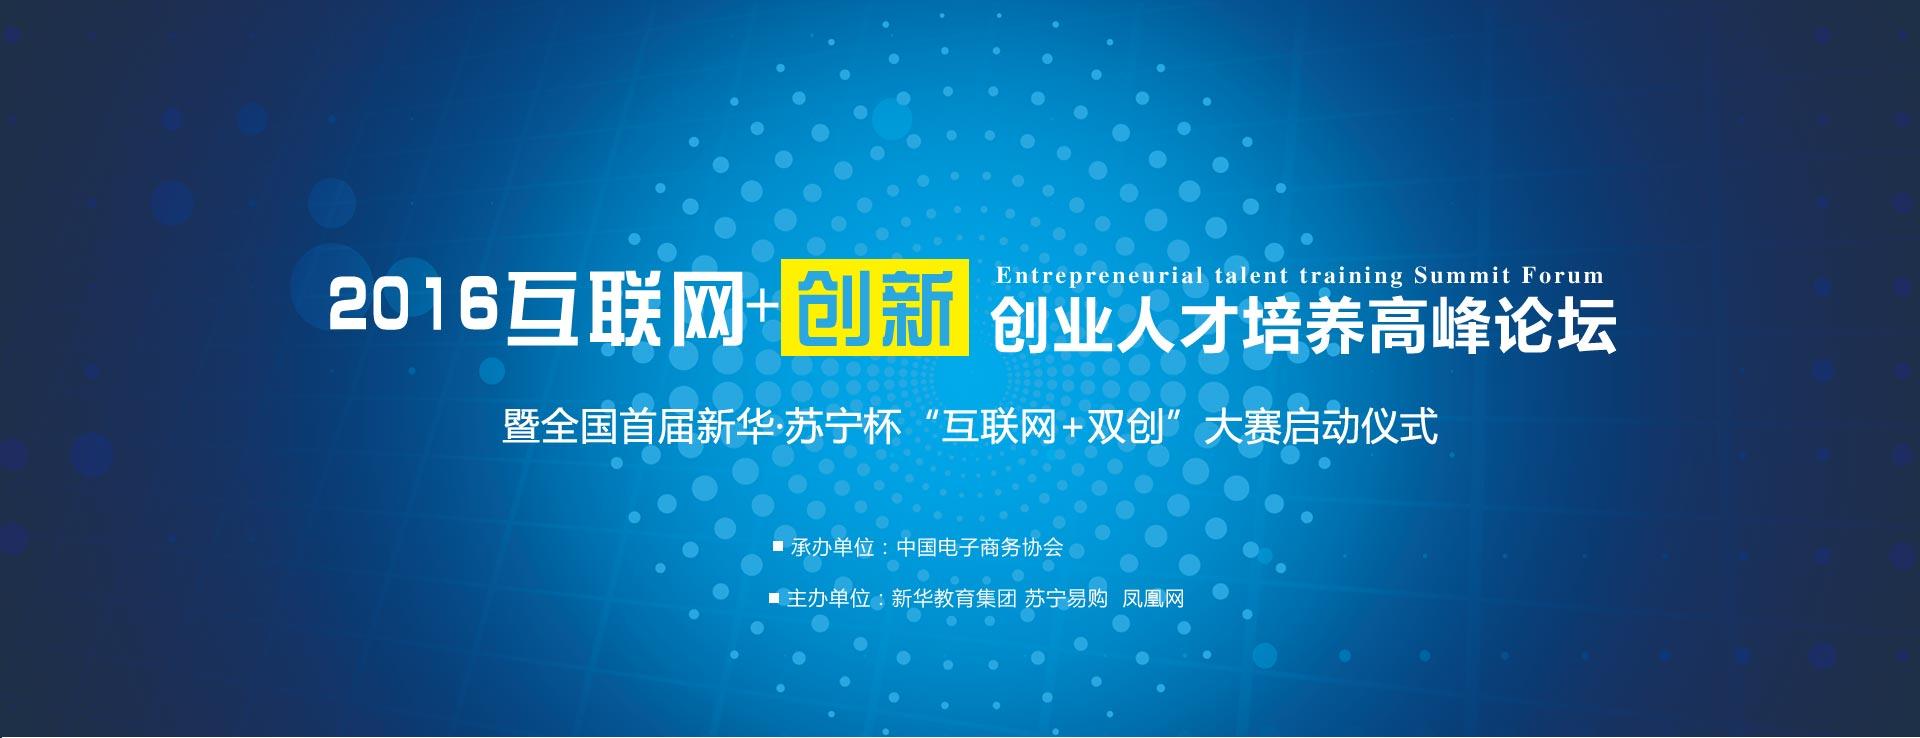 2016互联网 创新创业高峰论坛活动